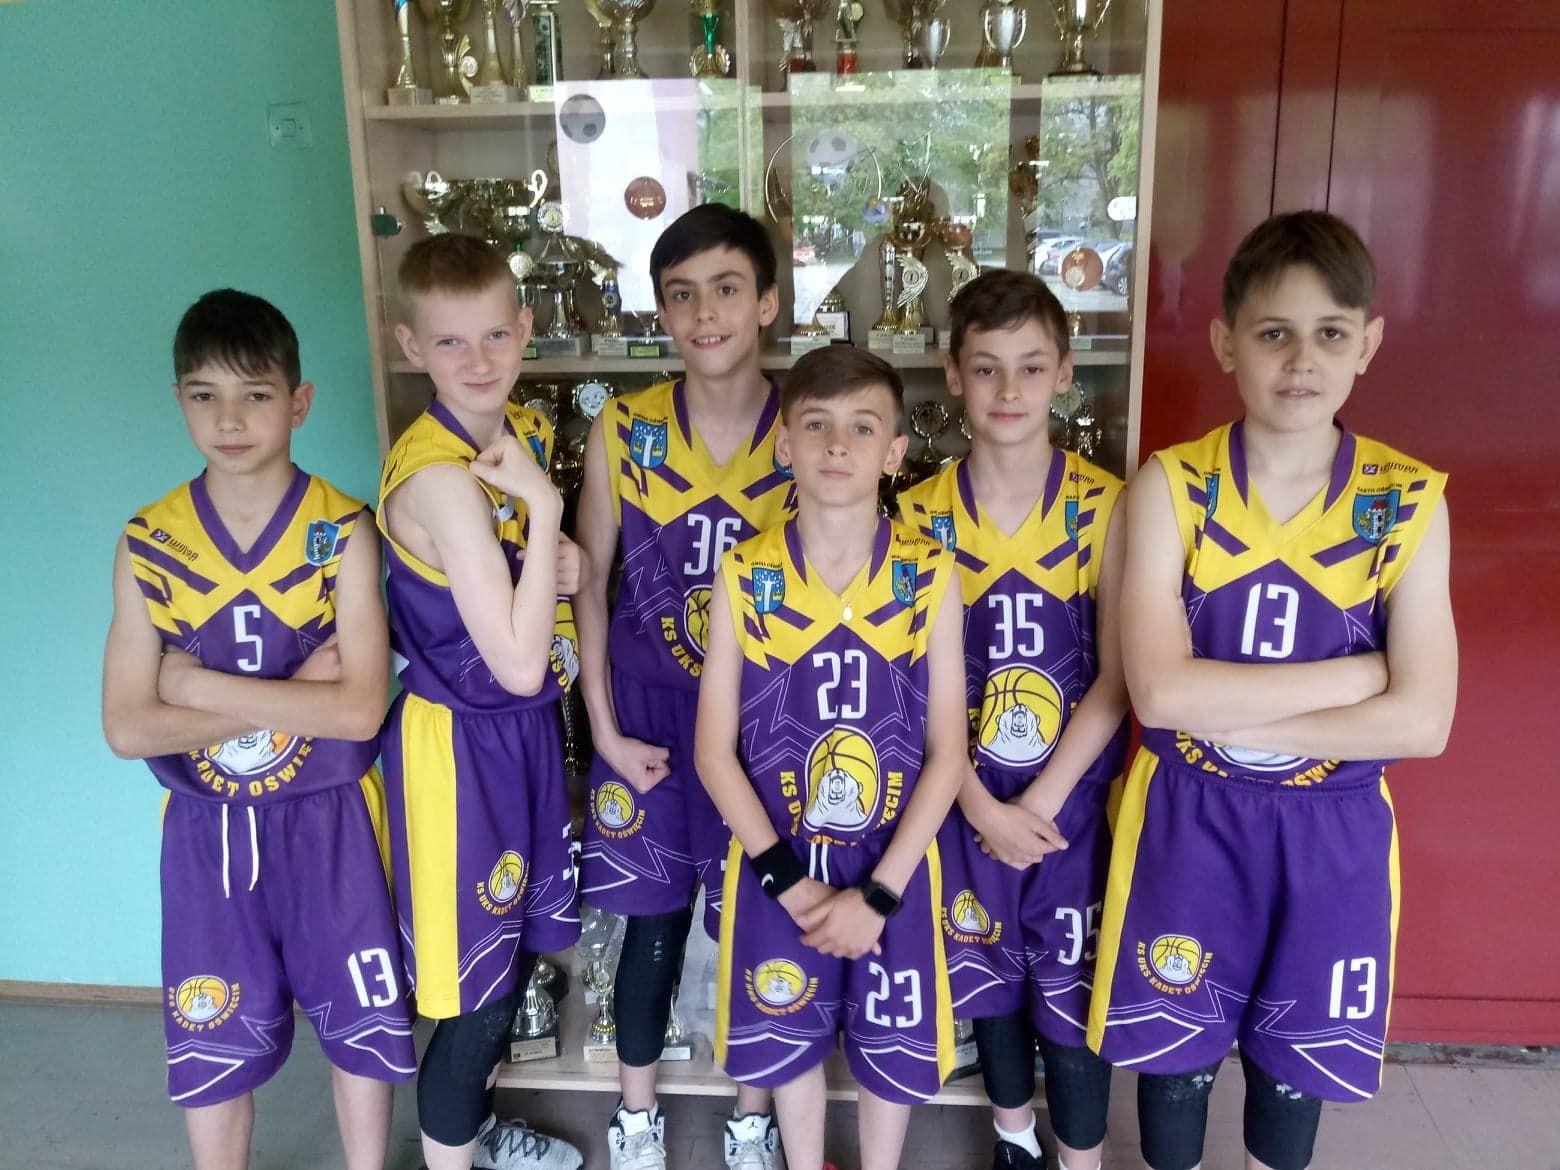 Reprezentacja Szkoły Podstawowej z Oddziałami Sportowymi nr 2 w Oświęcimiu sięgnęła po mistrzostwo miasta w sprawnościowych wielobojach. Fot. nadesłane